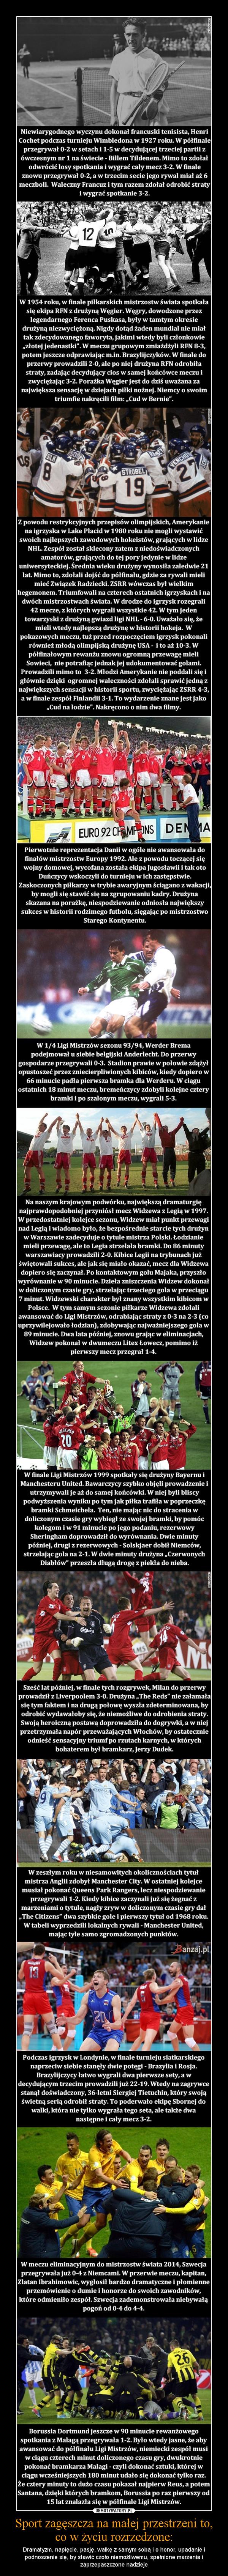 Sport zagęszcza na małej przestrzeni to, co w życiu rozrzedzone: – Dramatyzm, napięcie, pasję, walkę z samym sobą i o honor, upadanie i podnoszenie się, by stawić czoło niemożliwemu, spełnione marzenia i zaprzepaszczone nadzieje